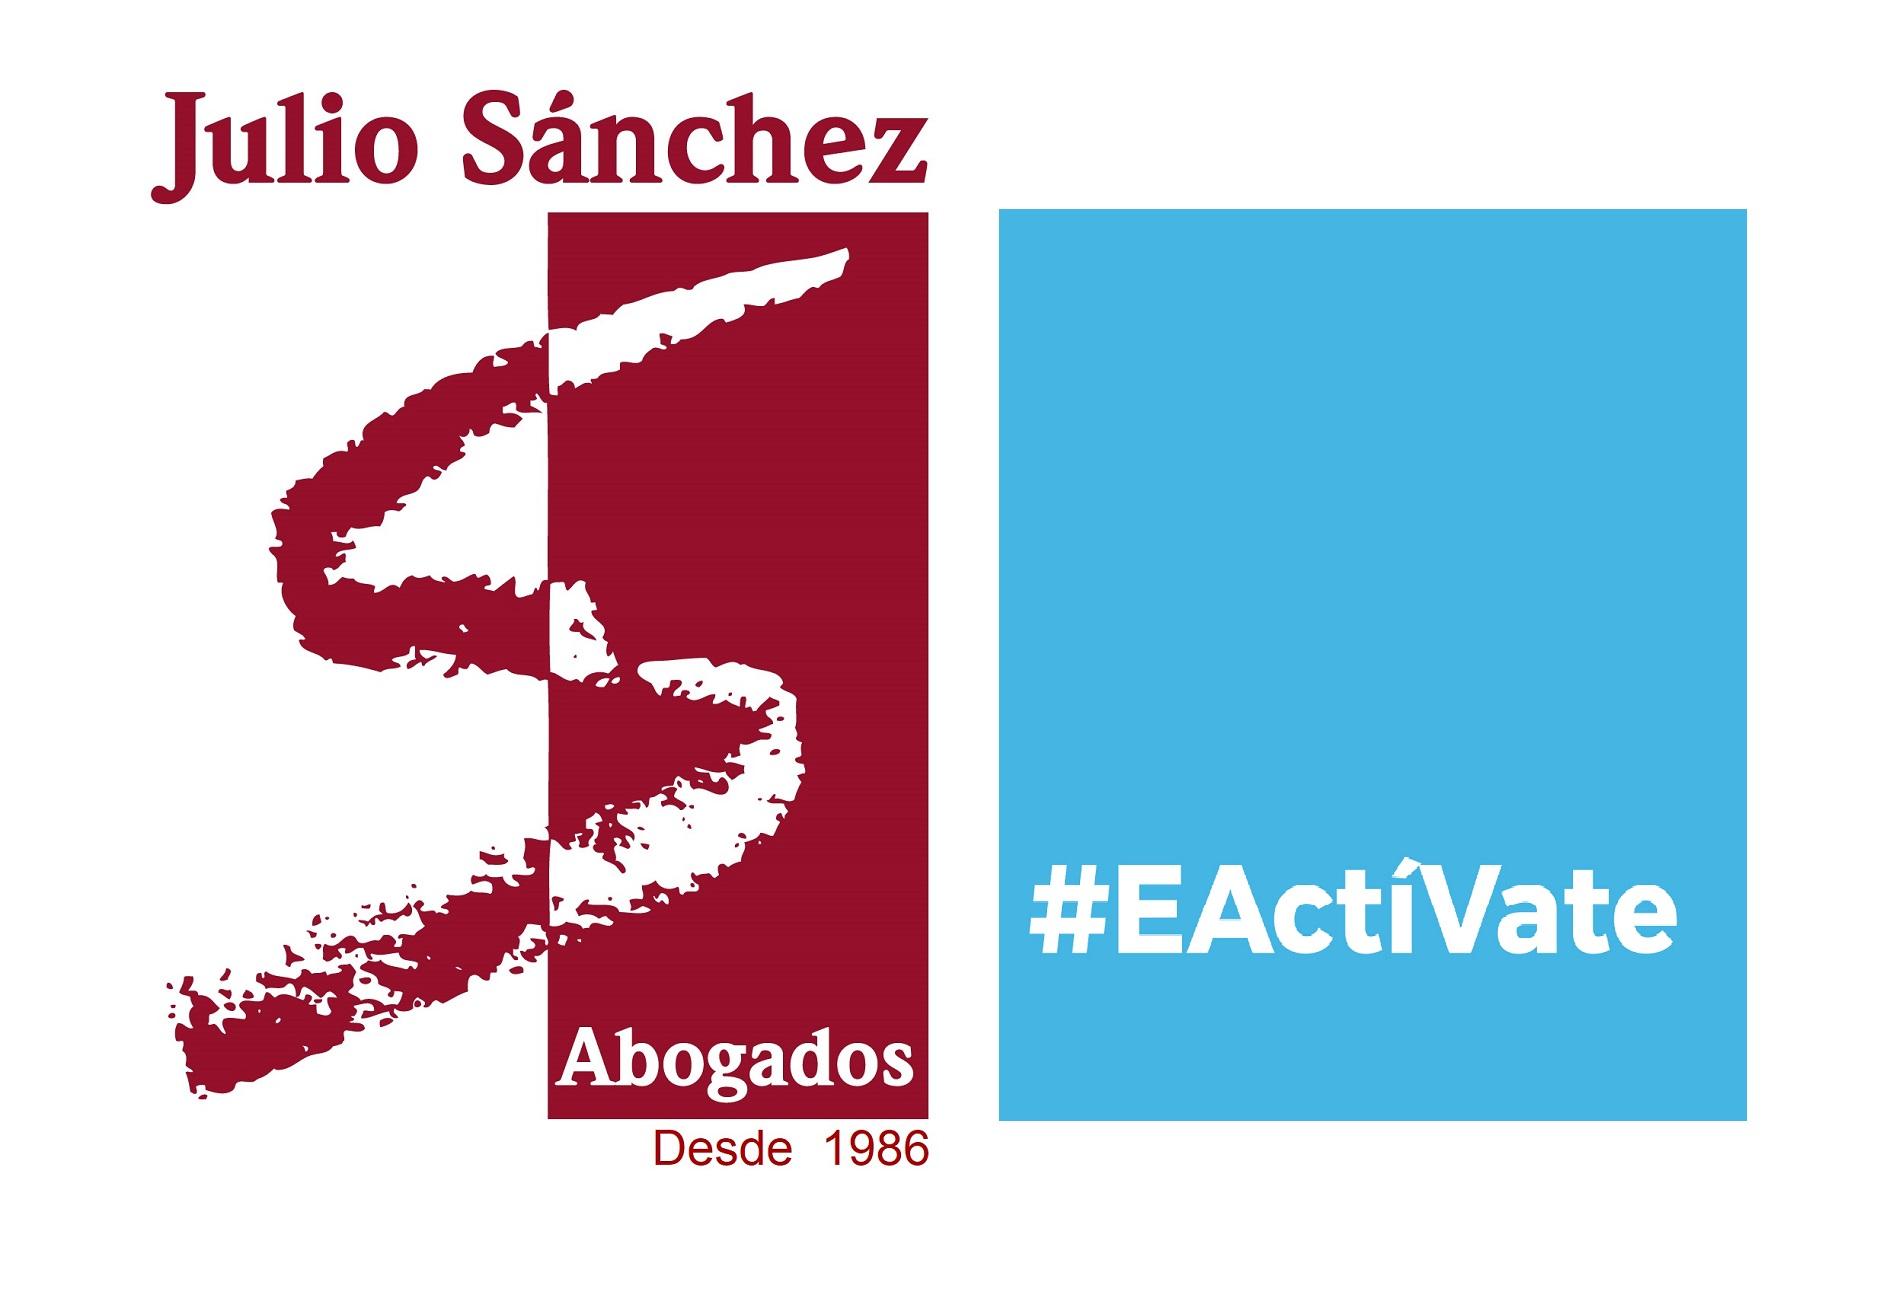 Julio Sánchez .- Abogados #Eactívate